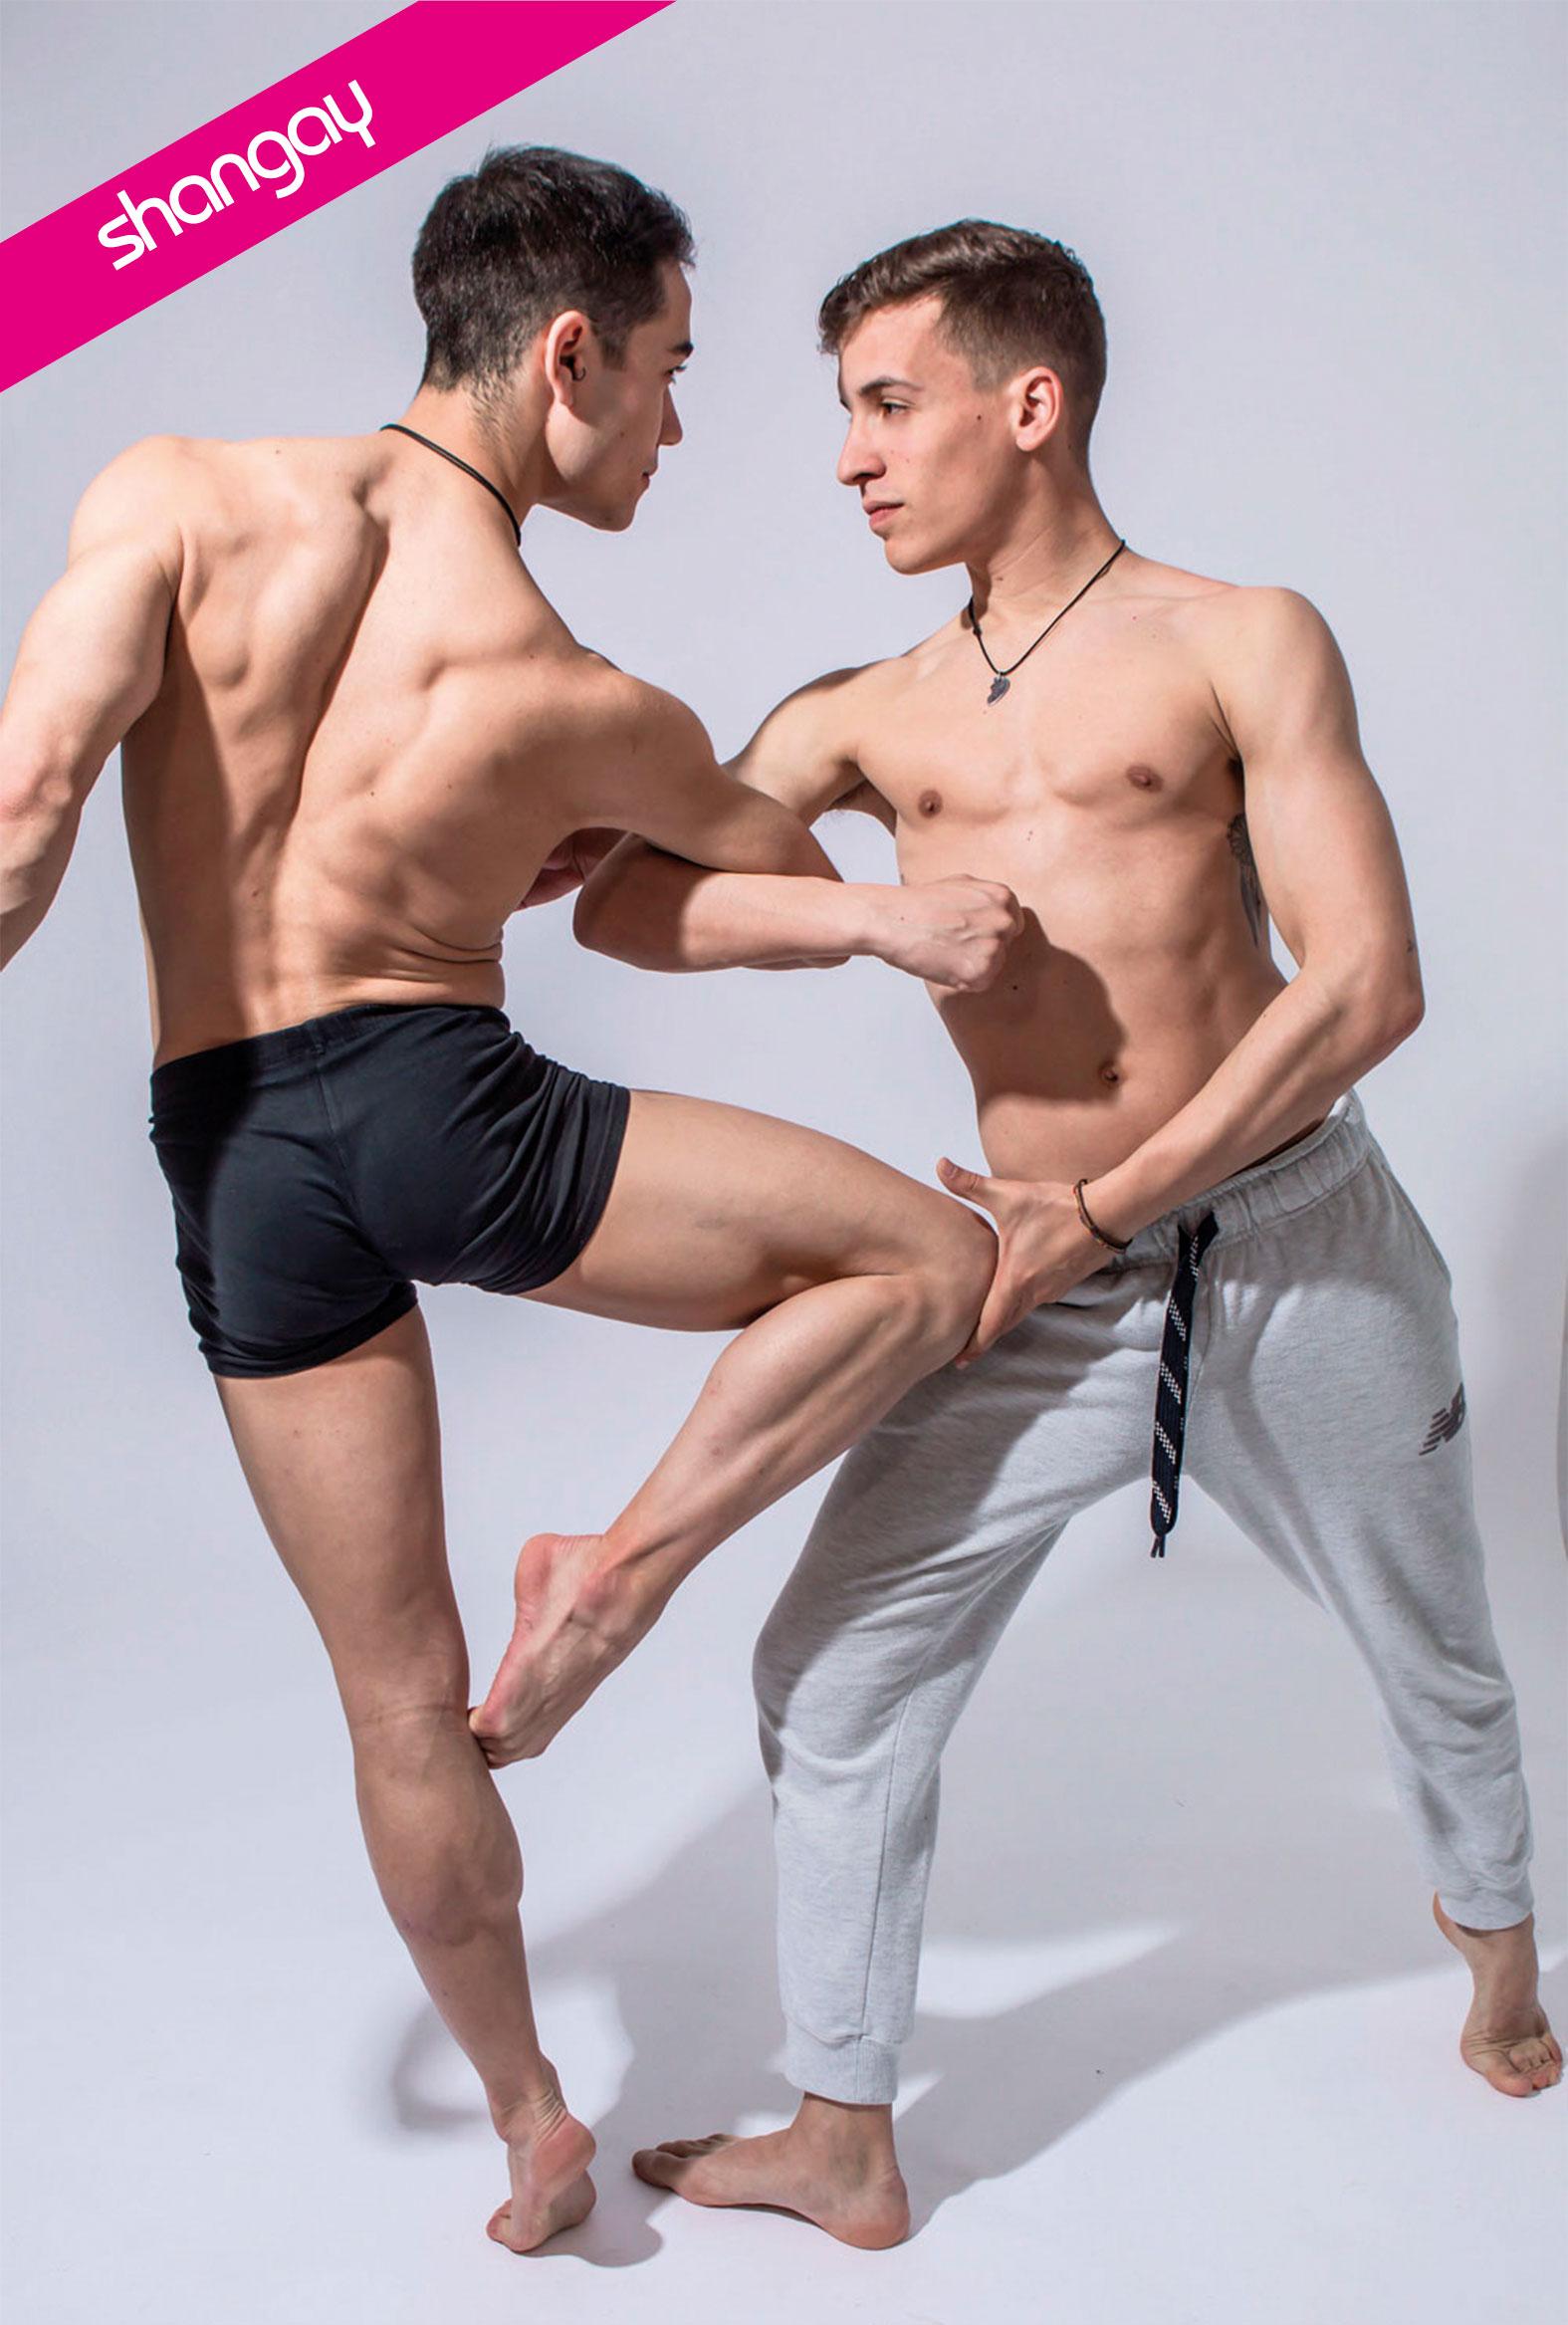 Pedro Cabañas y Óscar Trejo, una pareja gay de campeones europeos que visibiliza el deporte LGTB